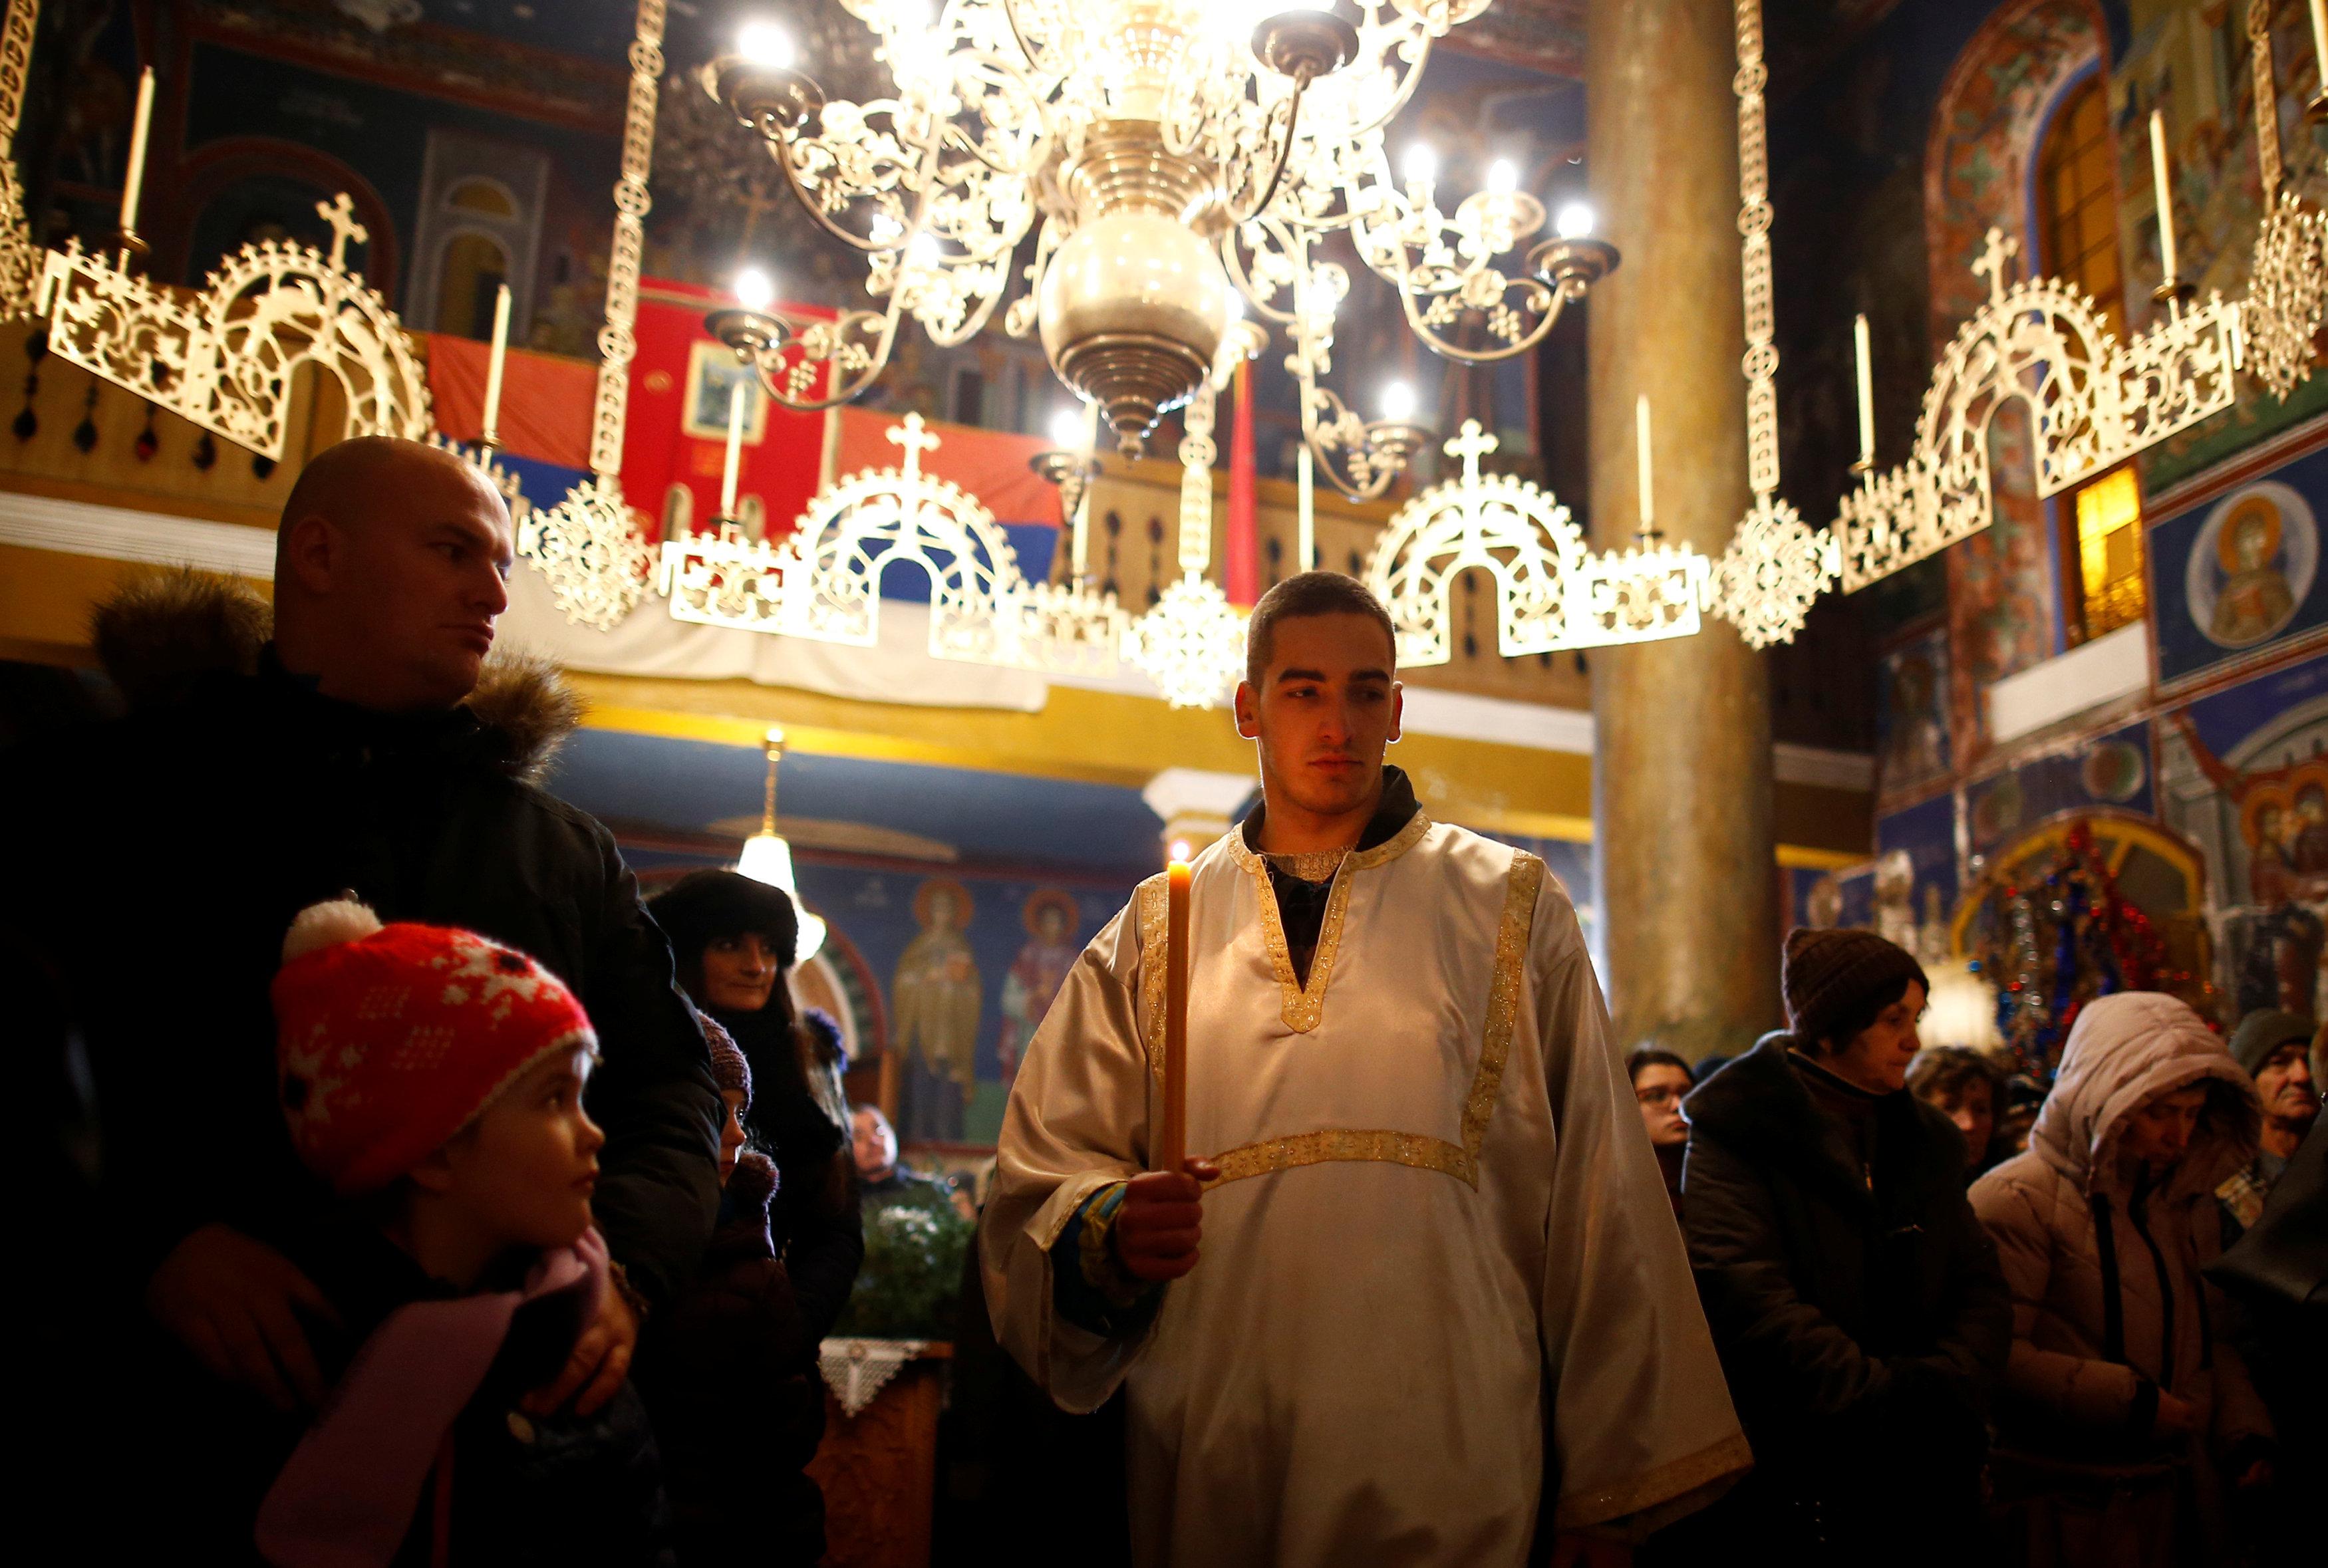 المصلون يقيمون شعائرهم خلال القداس فى البوسنة